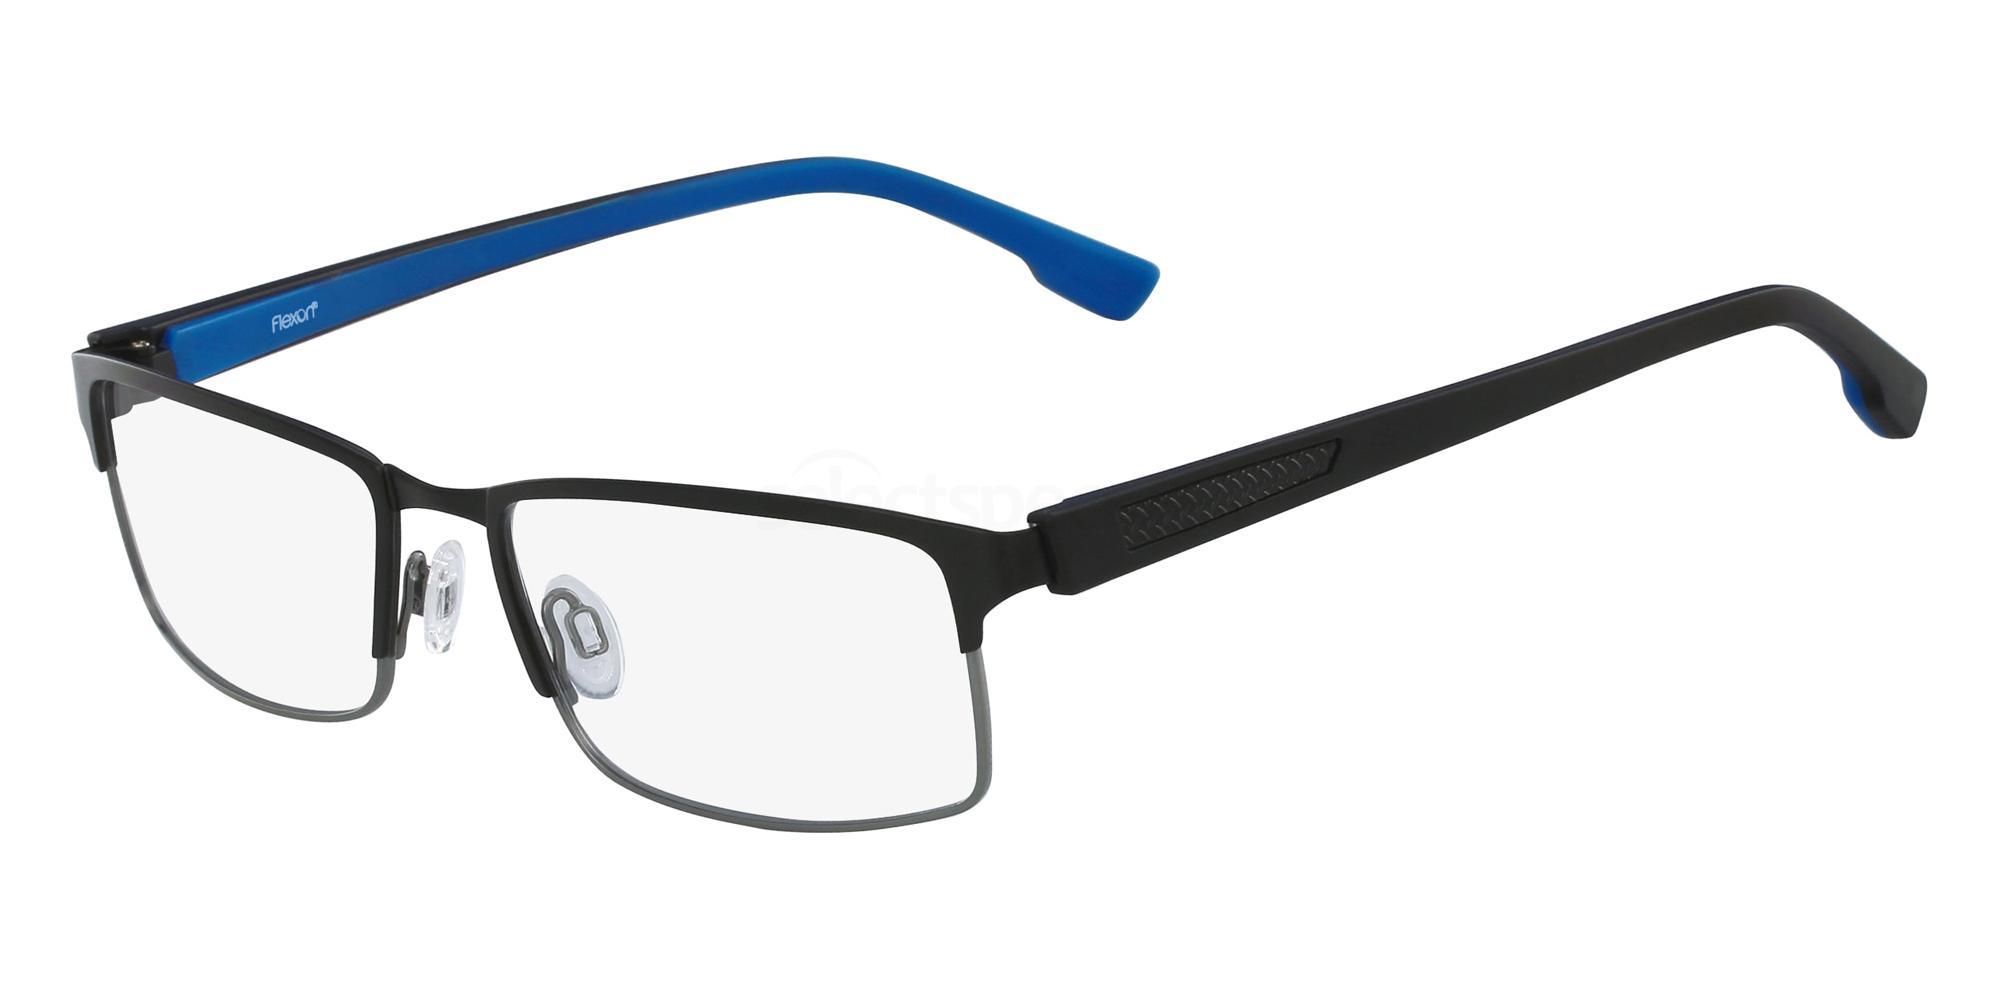 001 FLEXON E1042 Glasses, Flexon